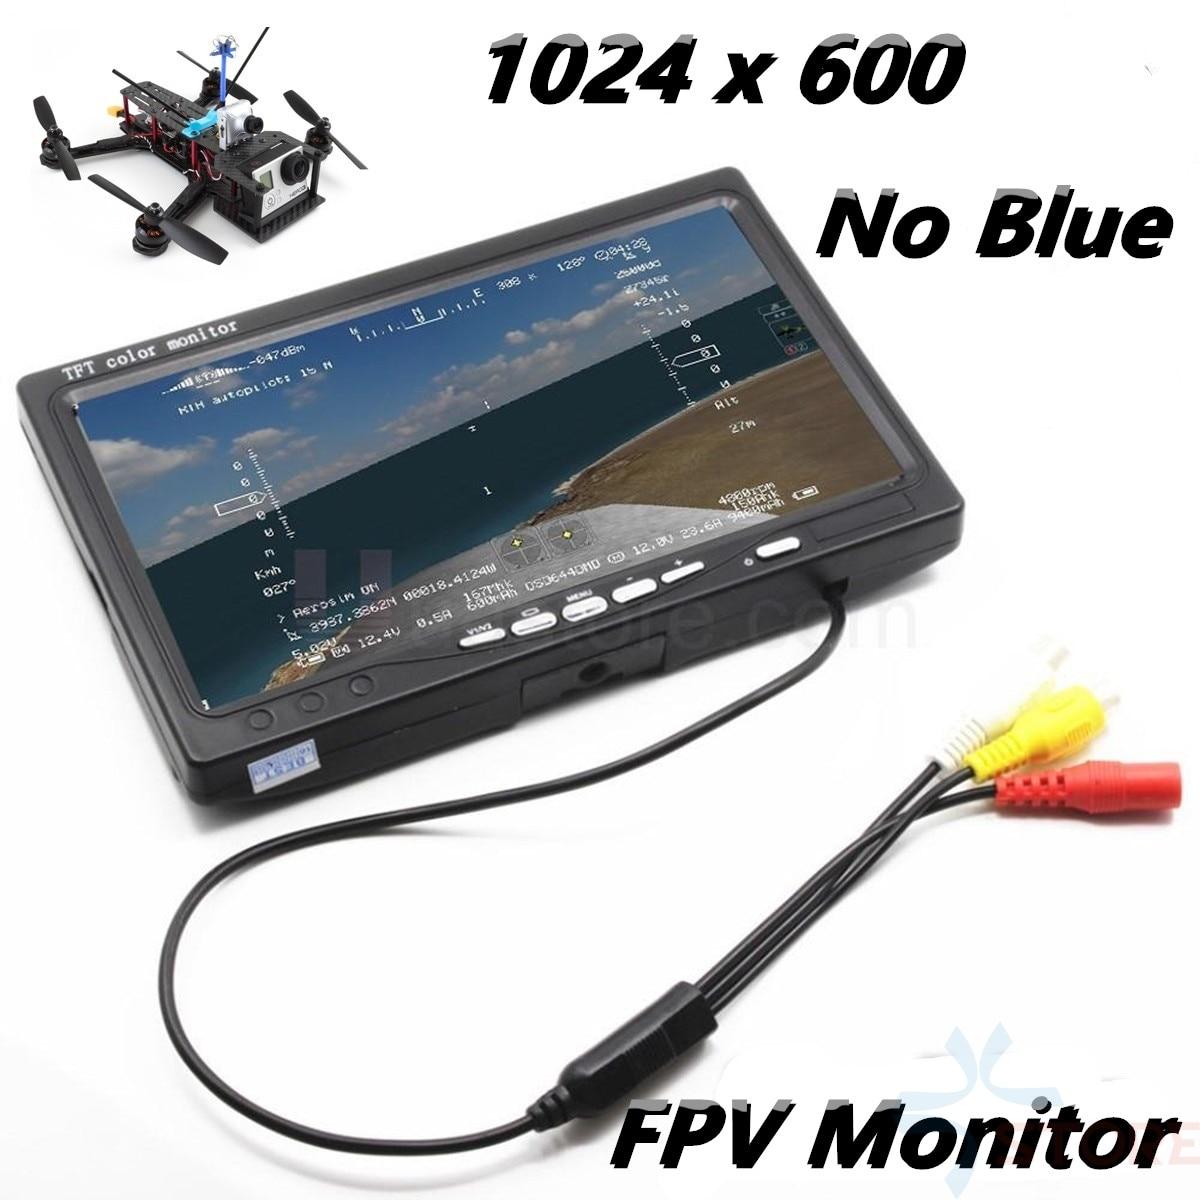 7 pulgadas LCD TFT FPV Monitor 1024x600 W/T No azul Monitor FPV fotografía para estación terrestre Phantom RC modelo QAV250